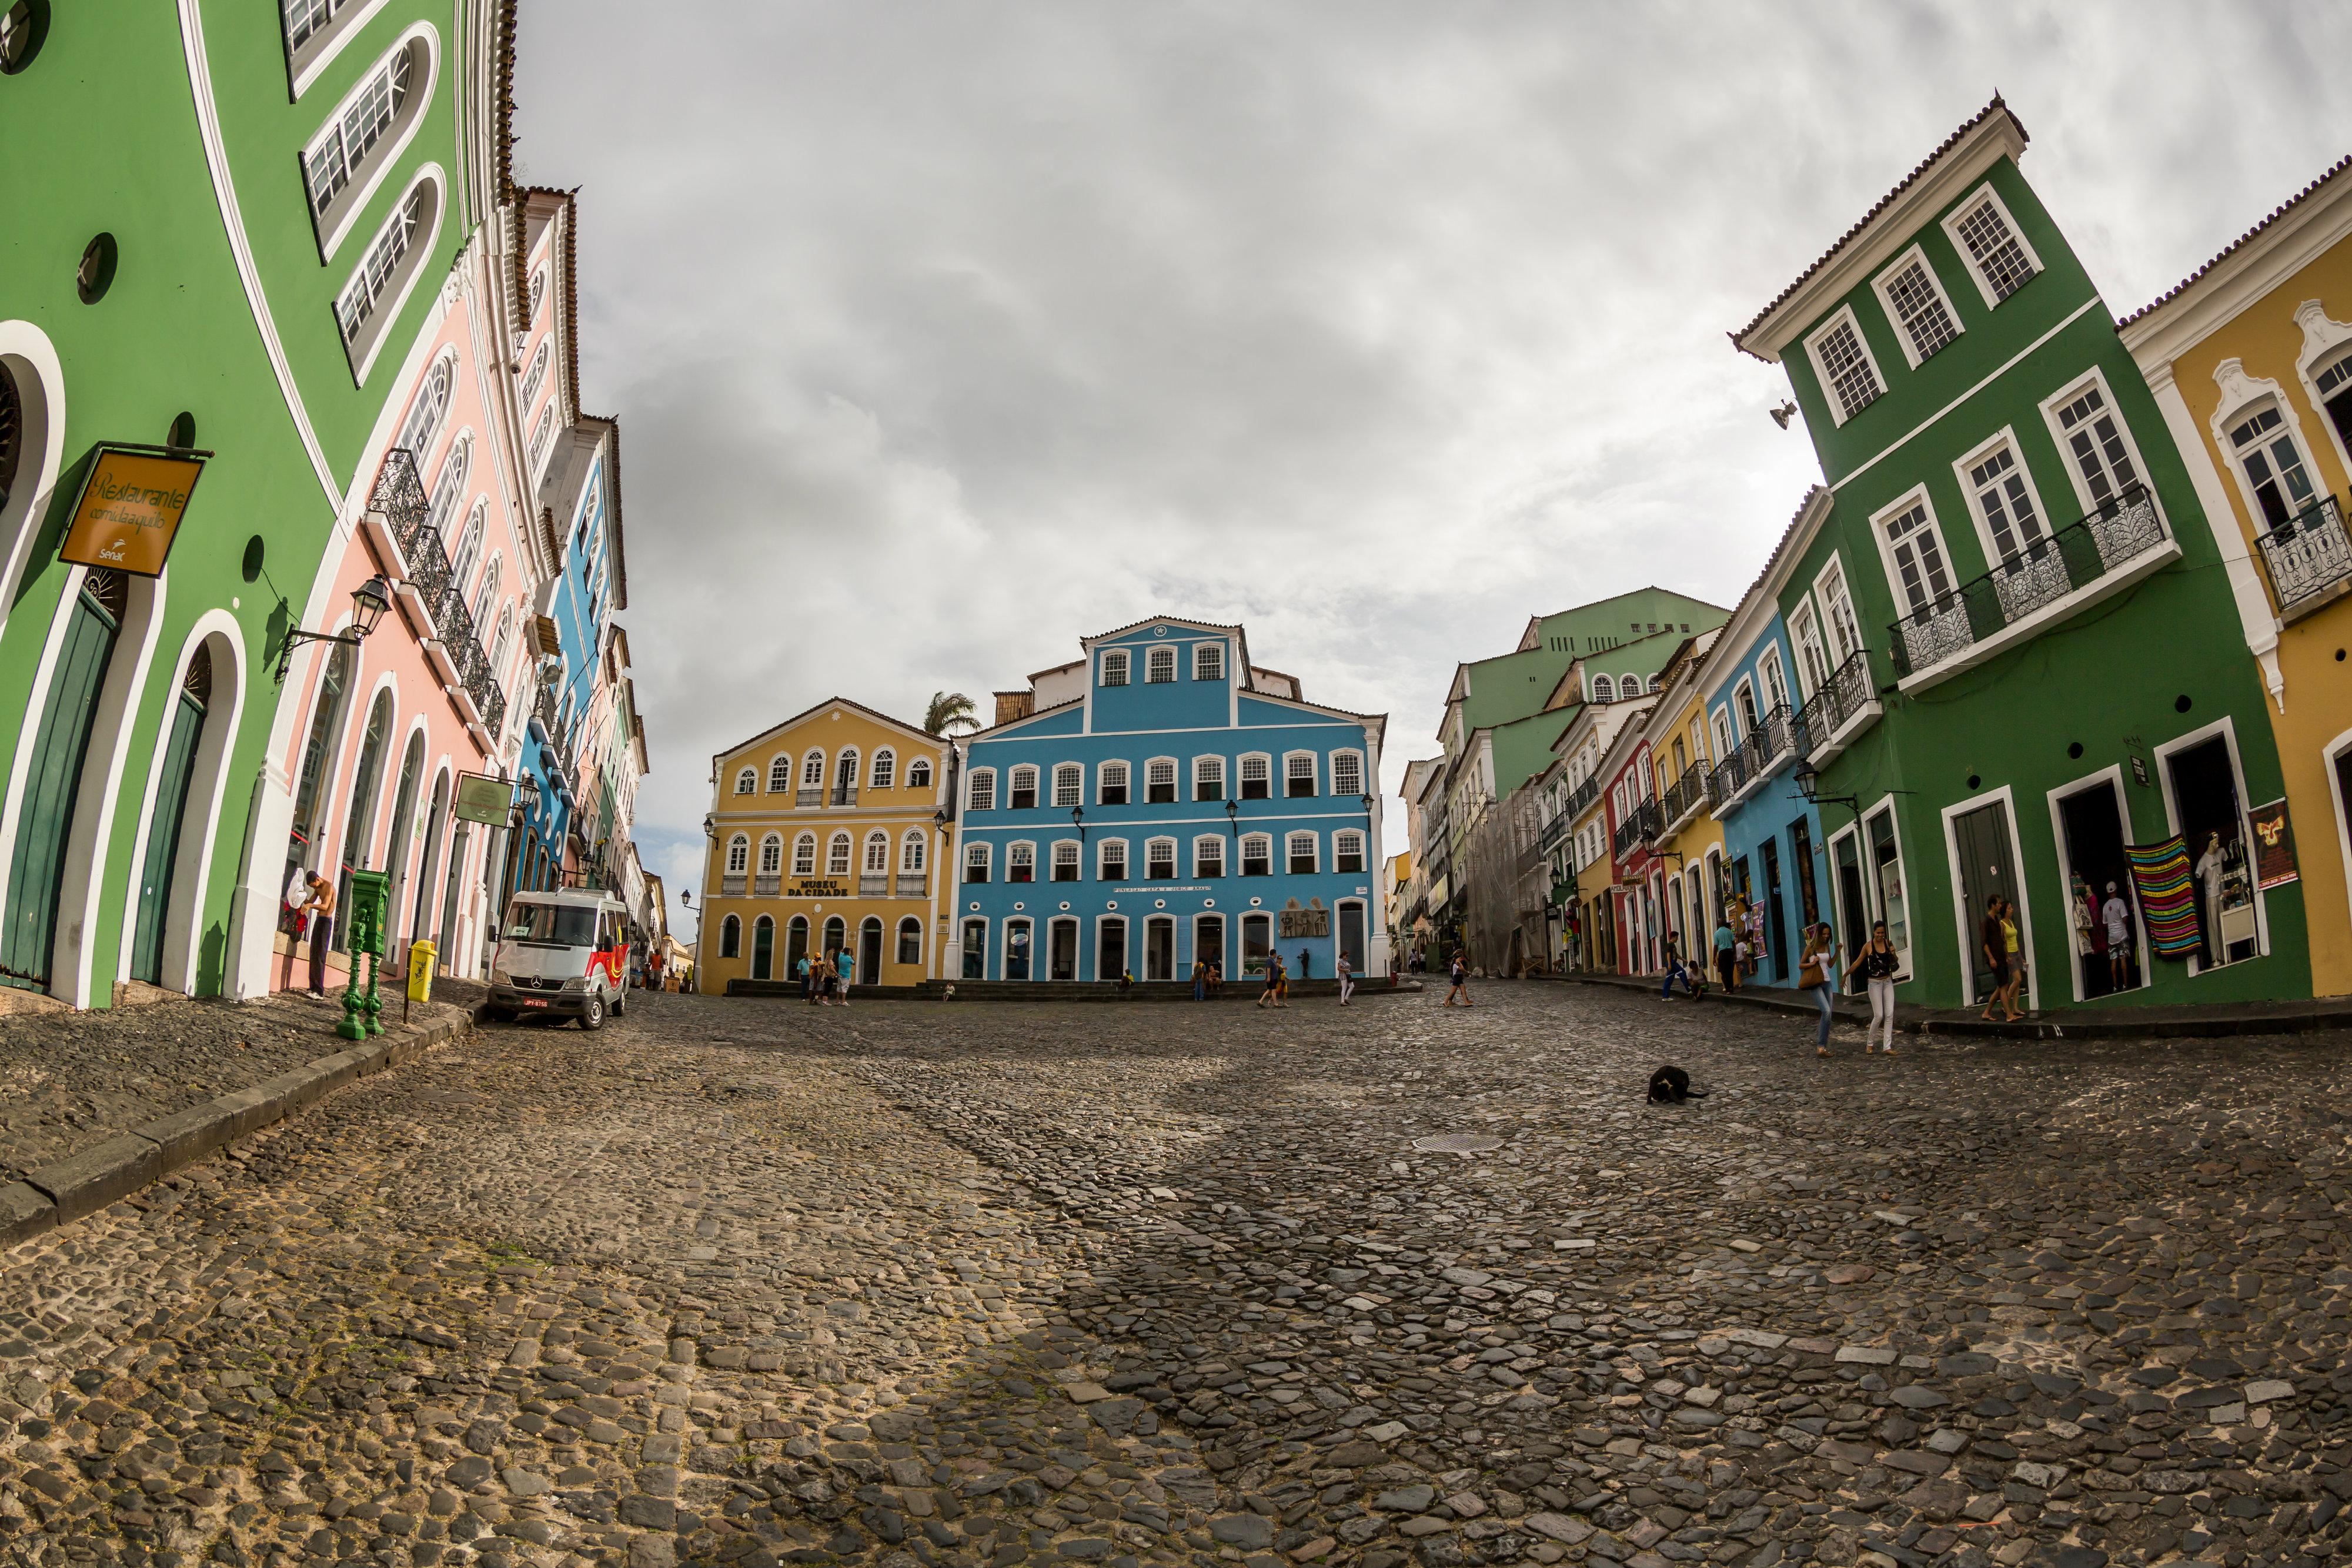 Turismo - Brasil - Salvador Pelourinho cidade histórica patrimônio histórico